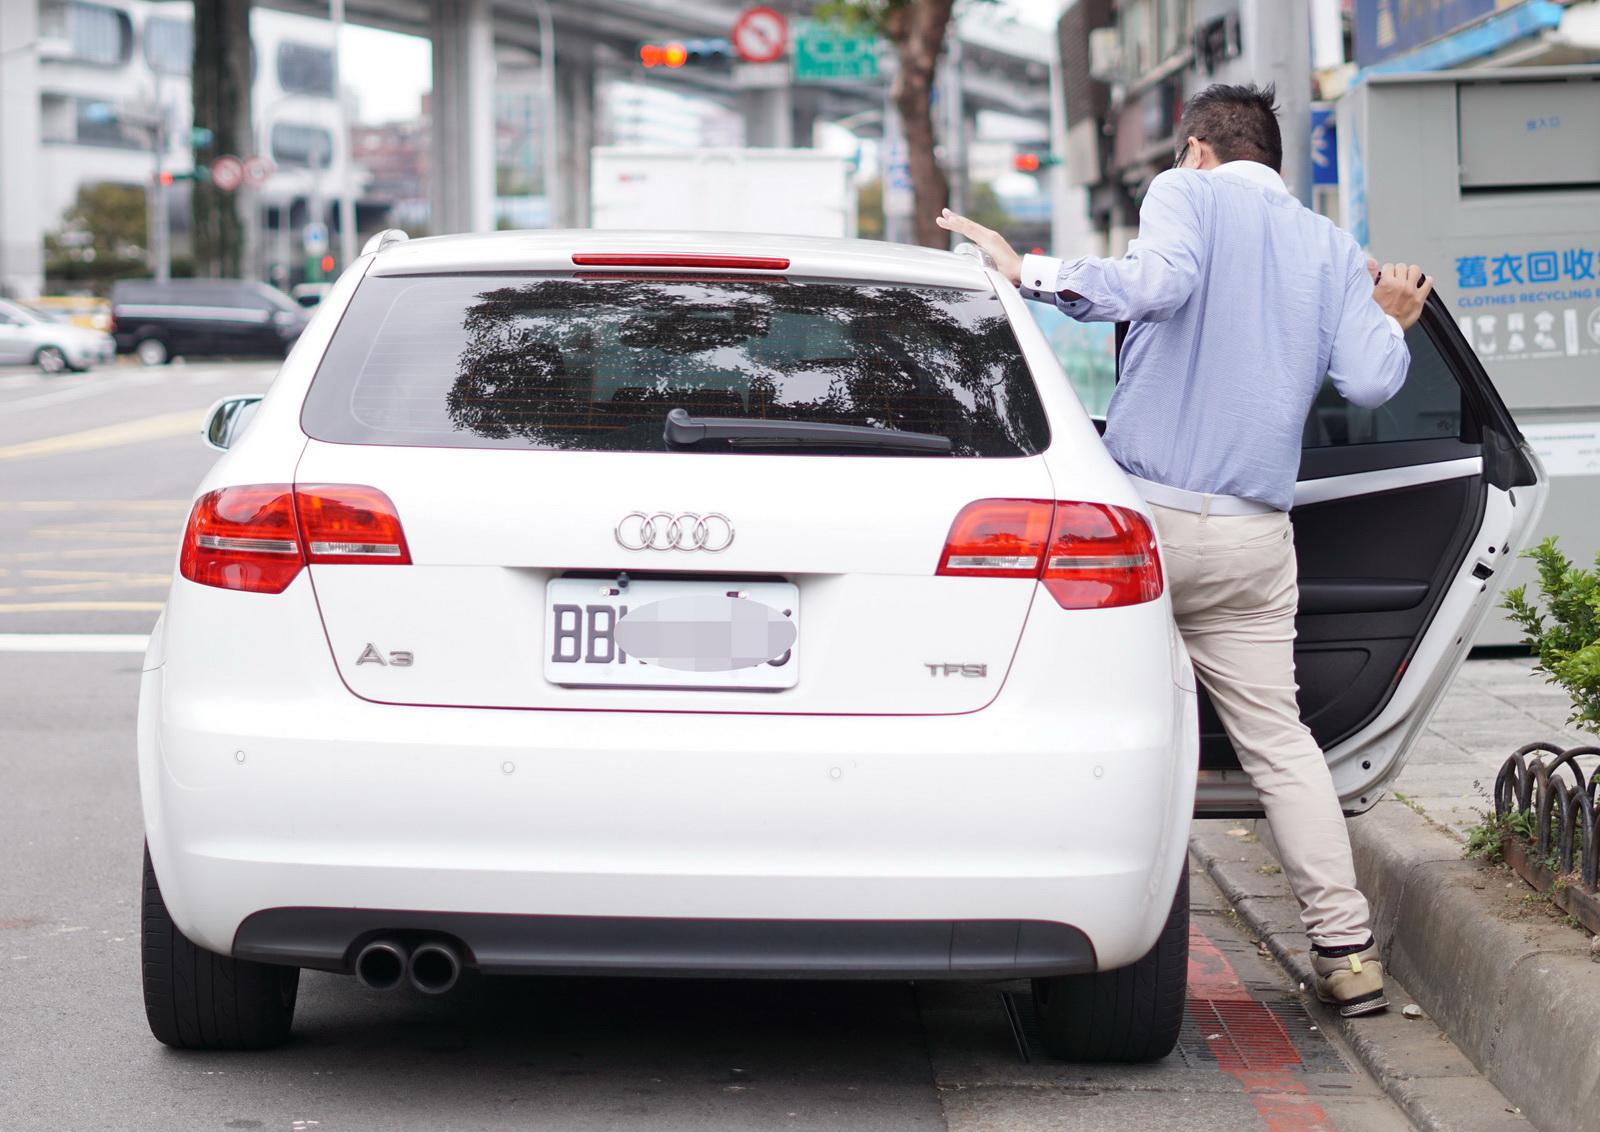 圖/白牌指的是白底黑字的自用車,既然是自用車,就不能有商業用途,否則就變成違法的私家計程車,也是政府近幾年積極取締的對象。